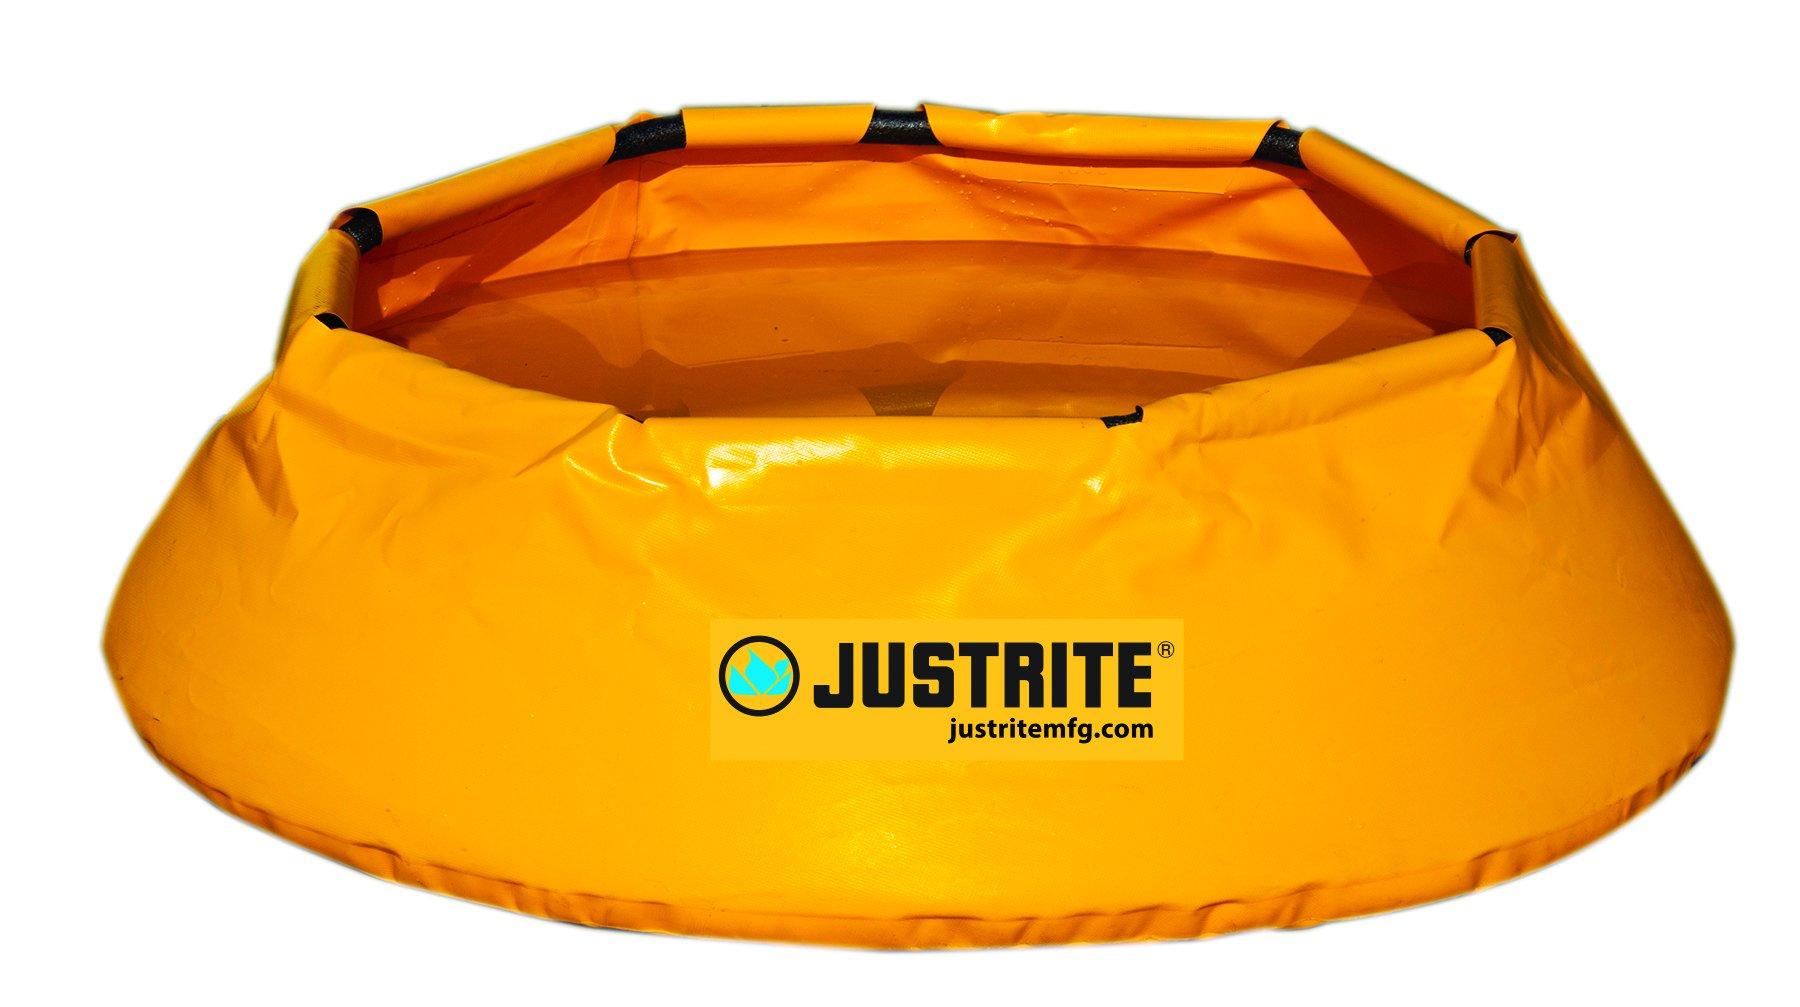 Justrite 28321 Pop-Up Pool, 66 gal